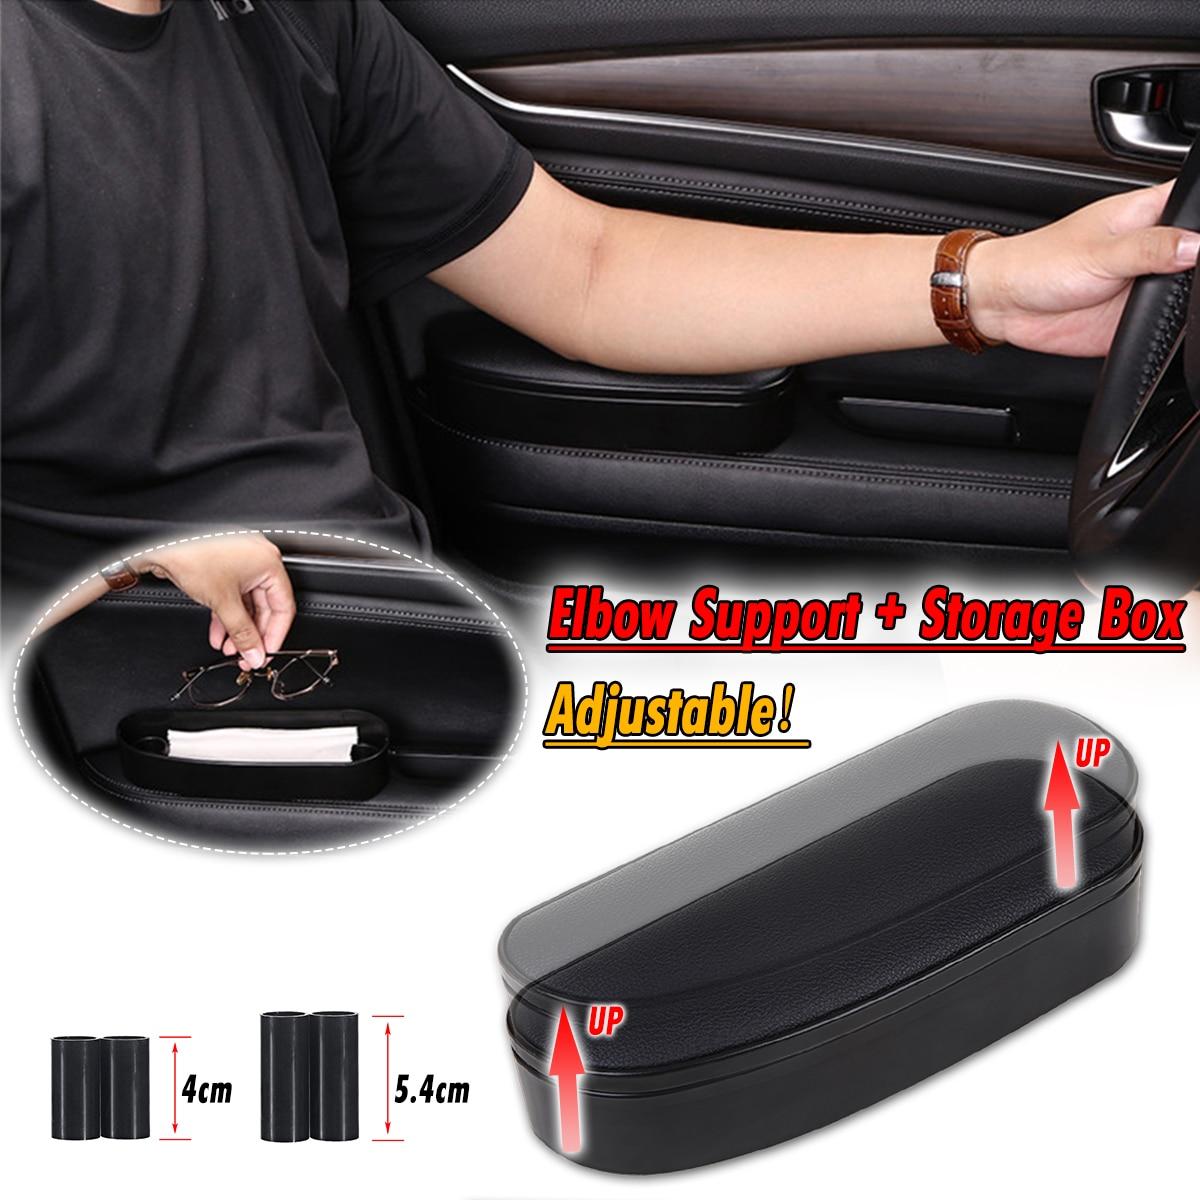 3 in 1 Anti Slip Matte Lagerung box Einstellbar Auto Ellenbogen Unterstützung Links Hand Armlehne Unterstützung Anti-müdigkeit Für reise Rest Unterstützung